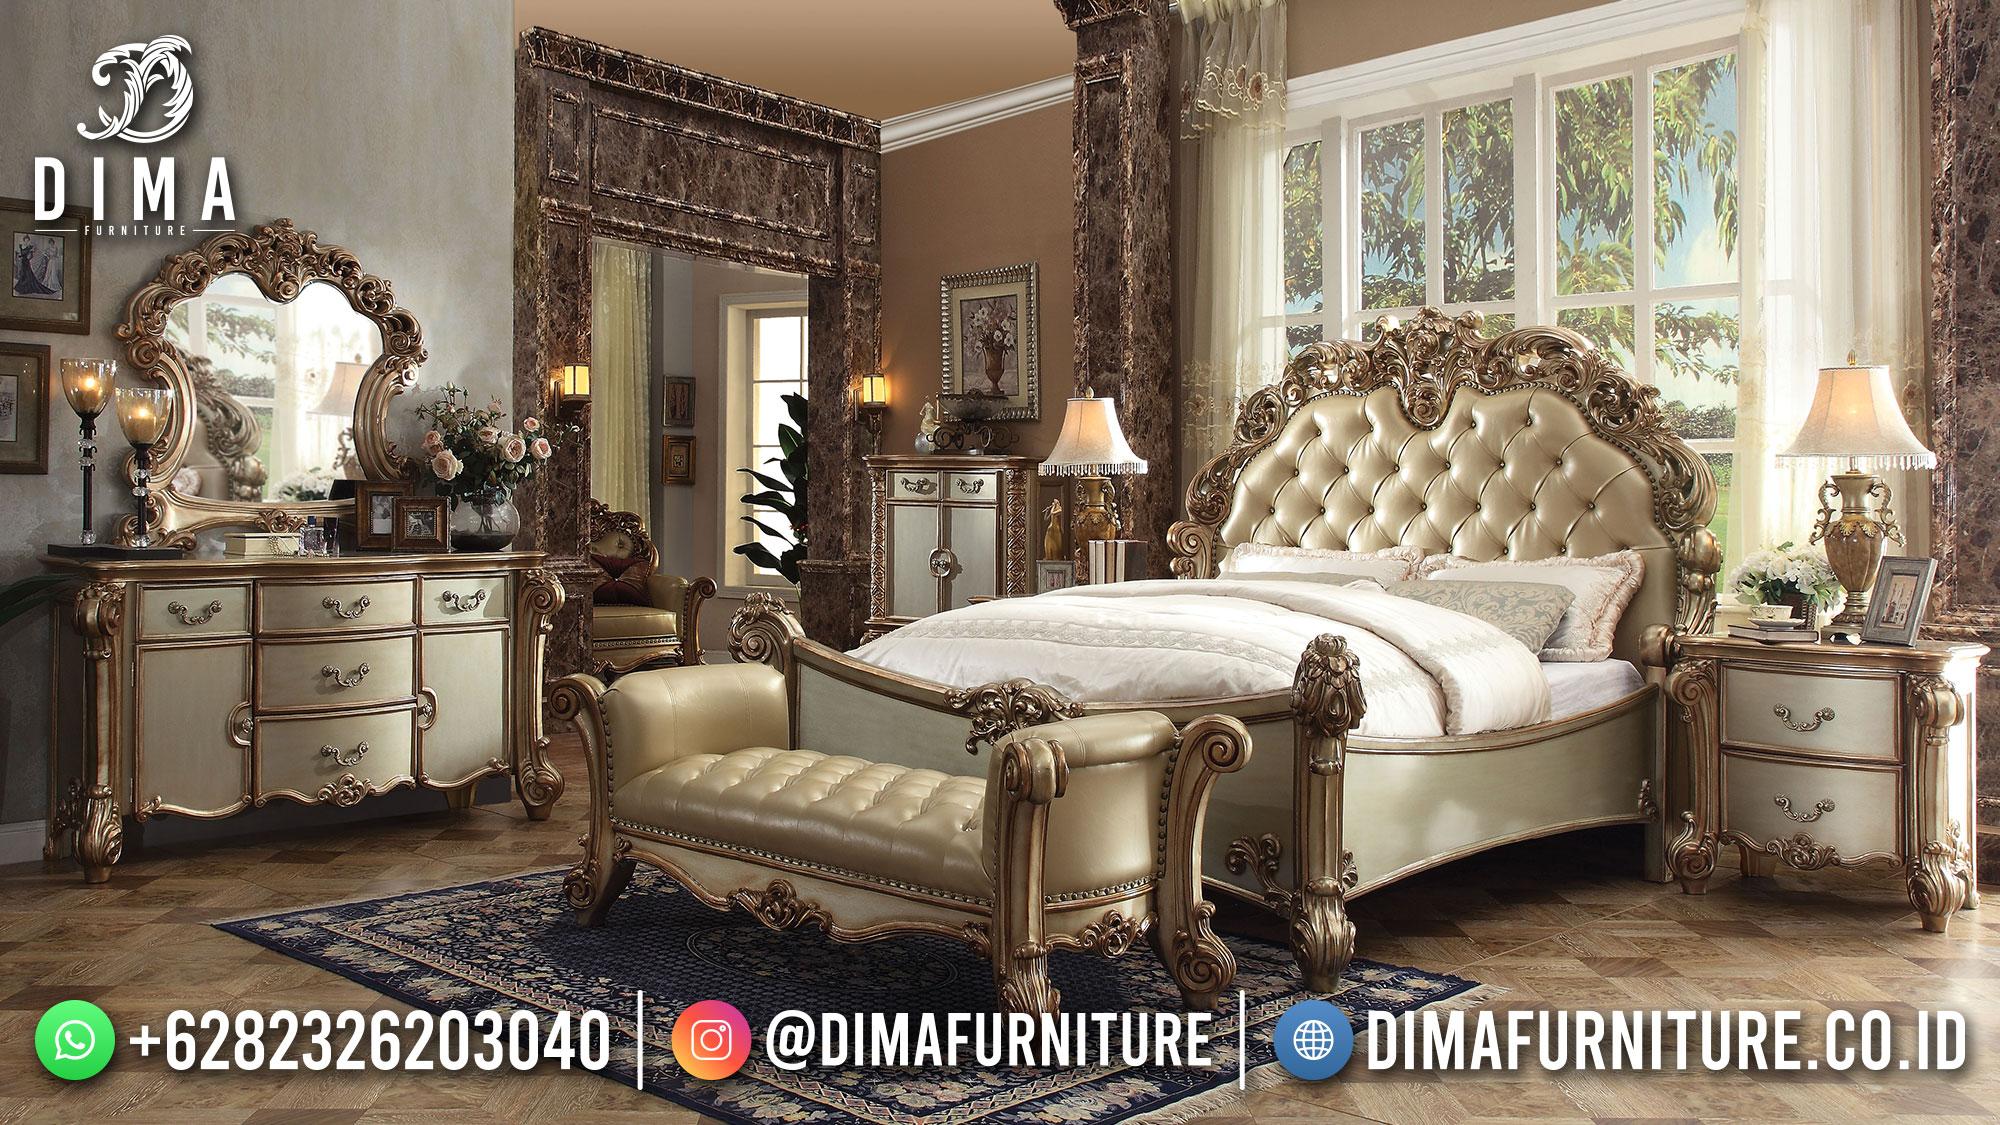 Desain Tempat Tidur Mewah Klasik Jepara Kualita Terbaik DF-1591